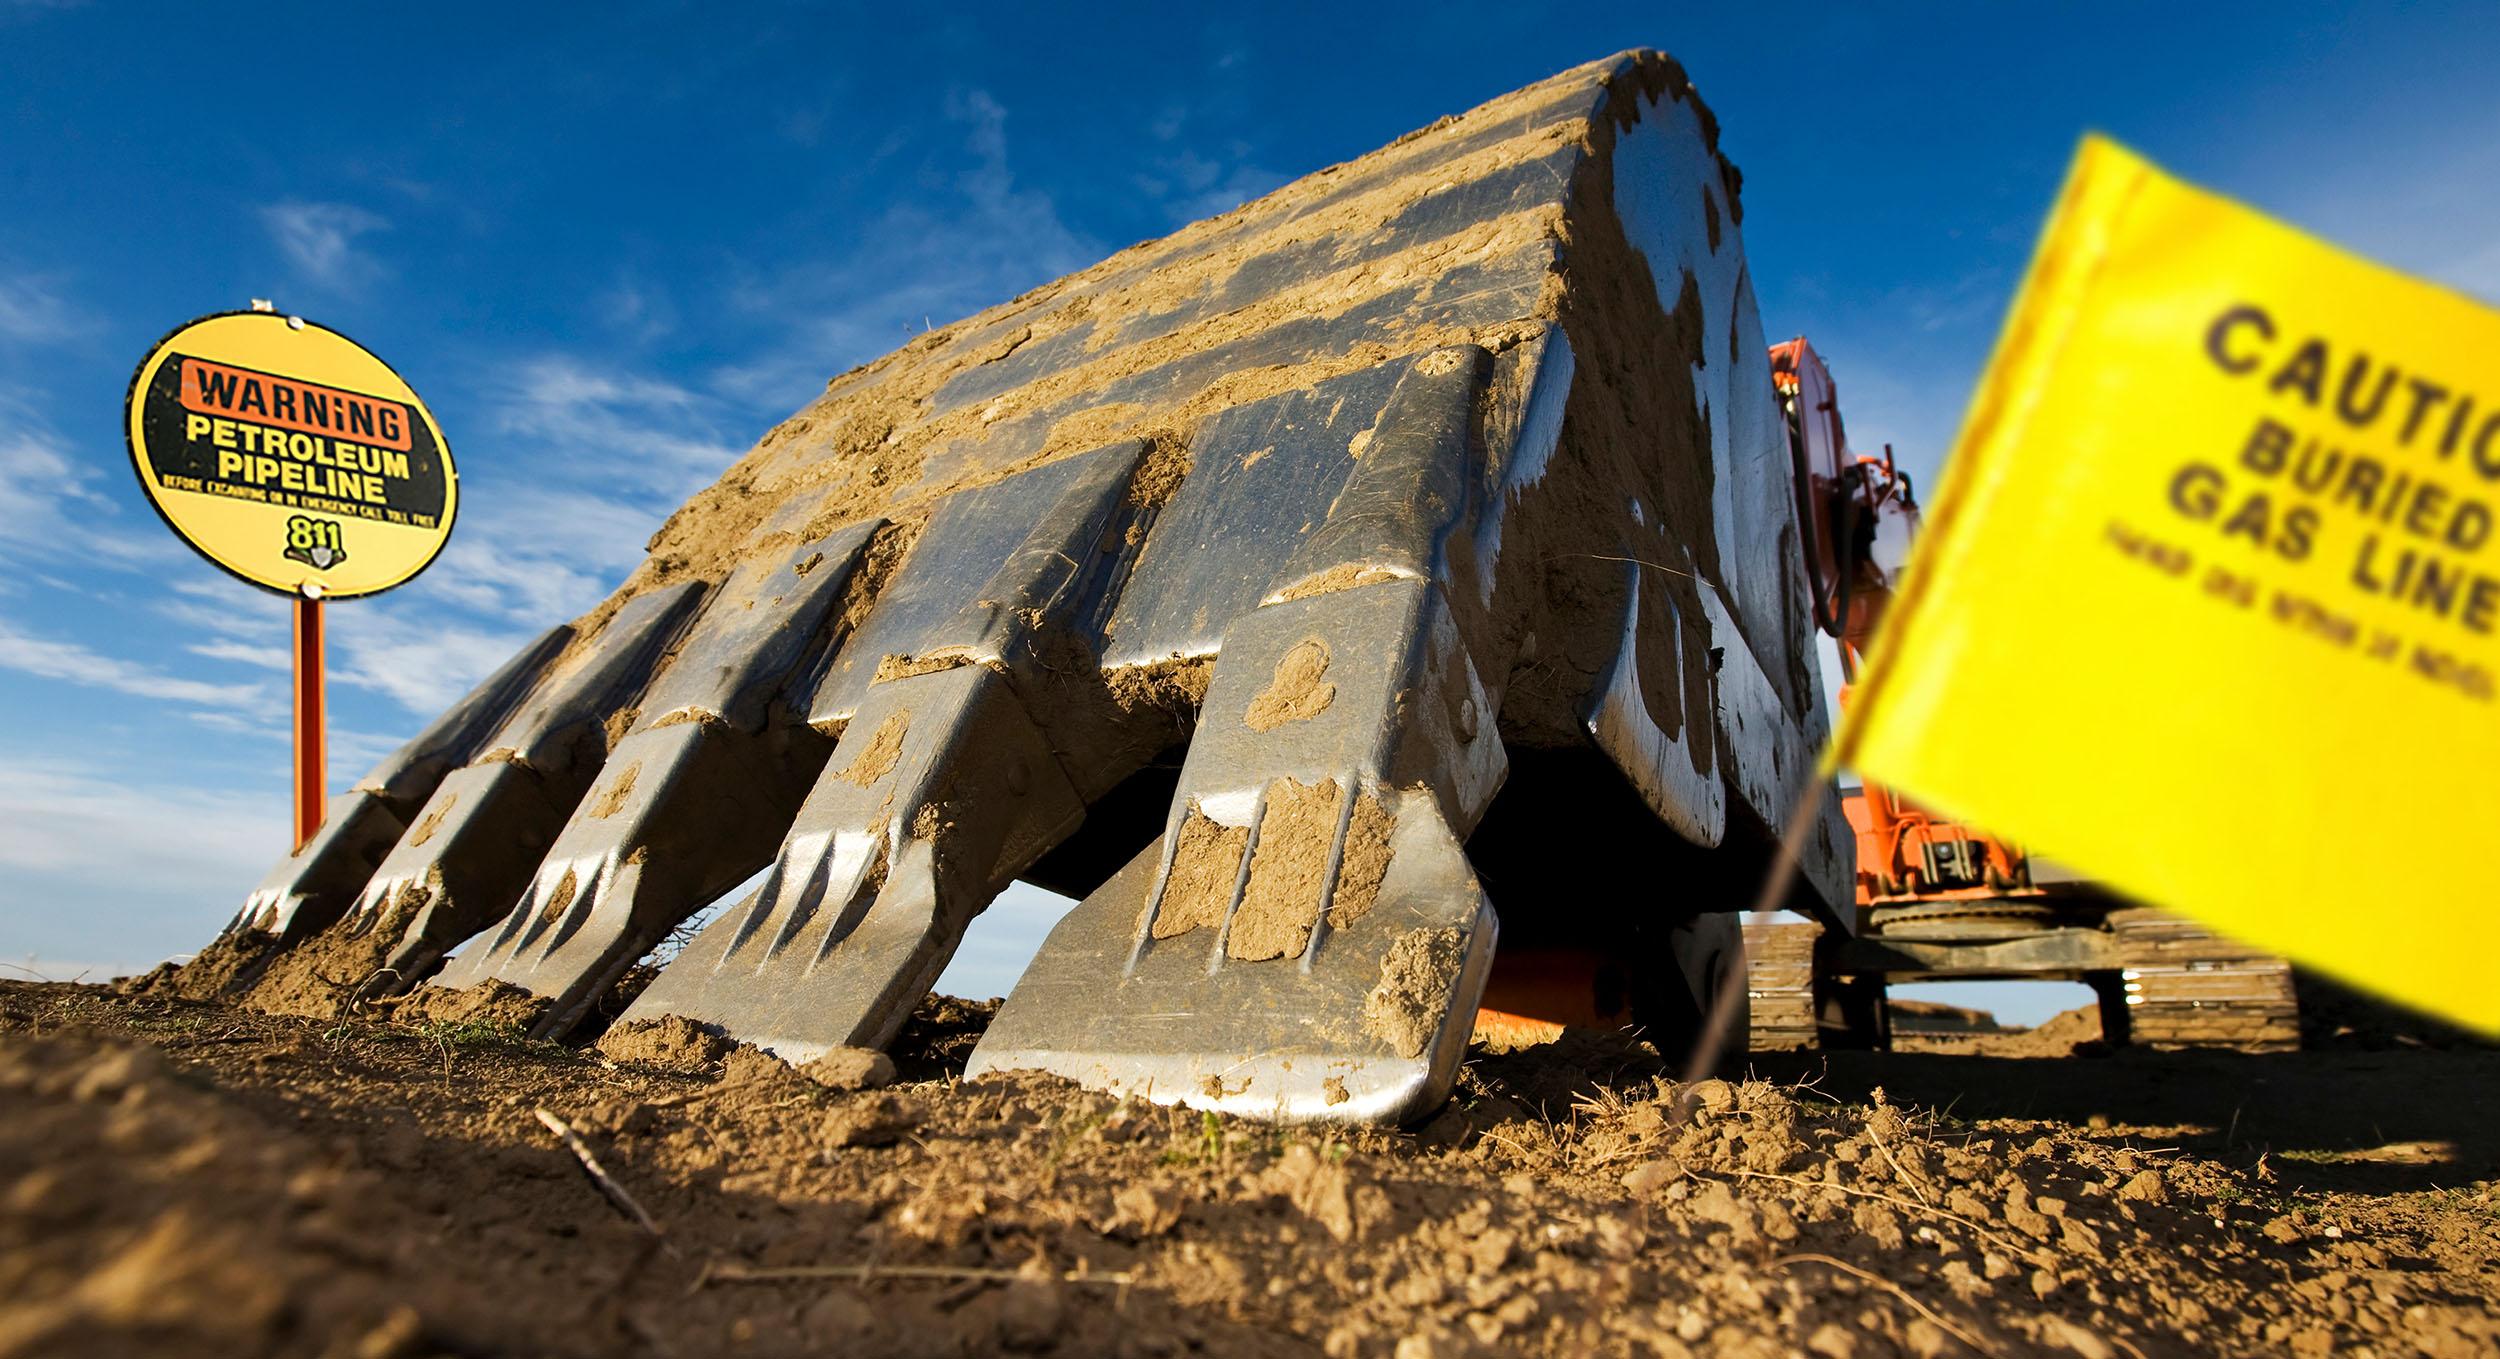 newbanner_quote_excavatorB.jpg